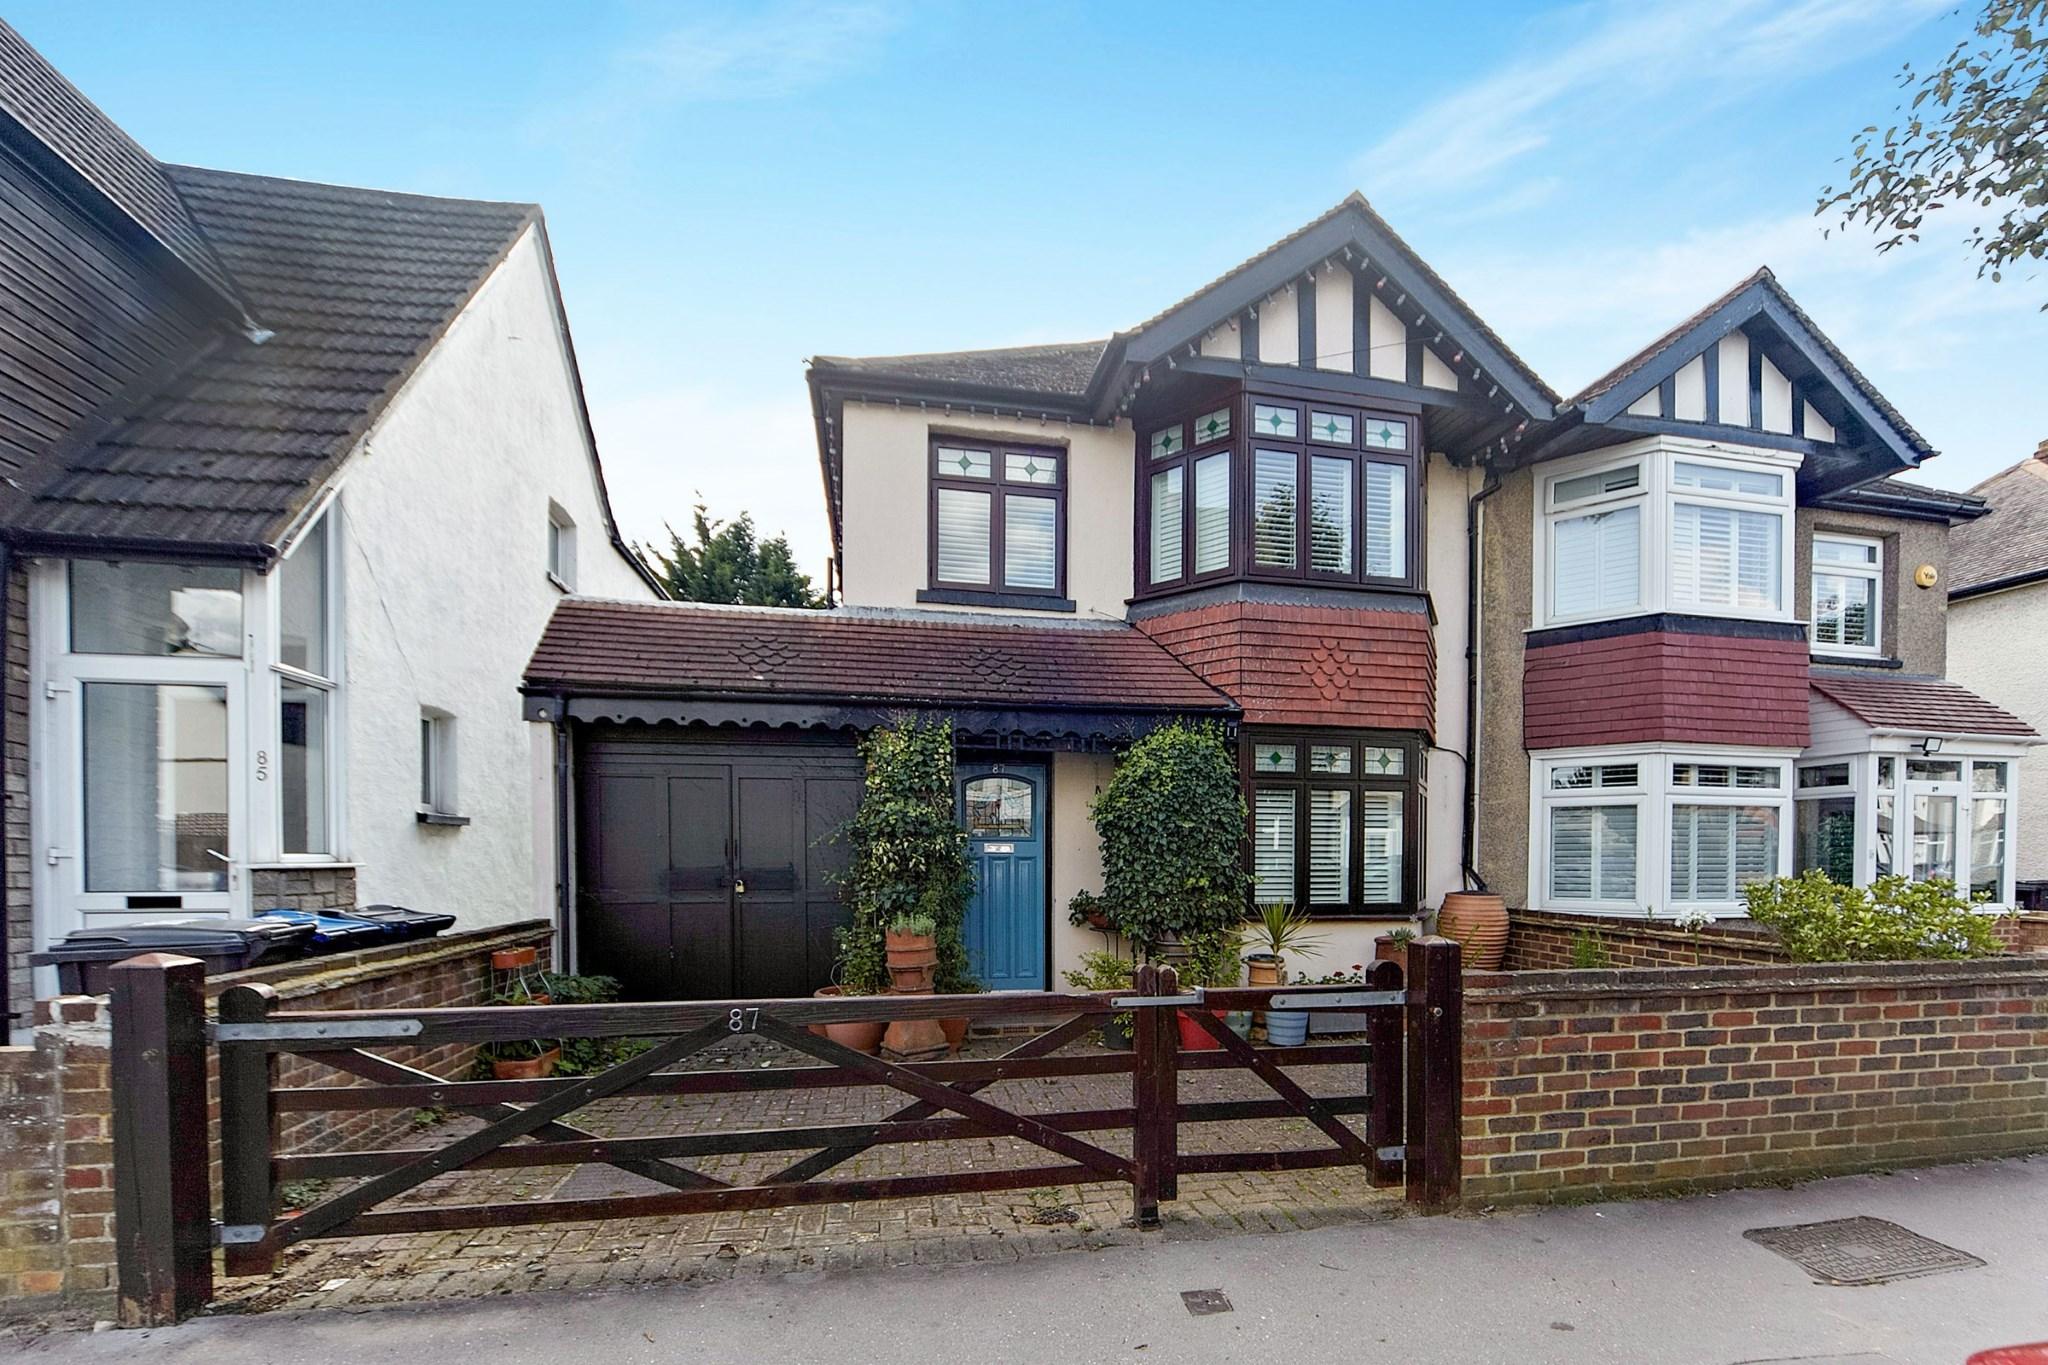 Northway Road, Croydon, Surrey, ., CR0